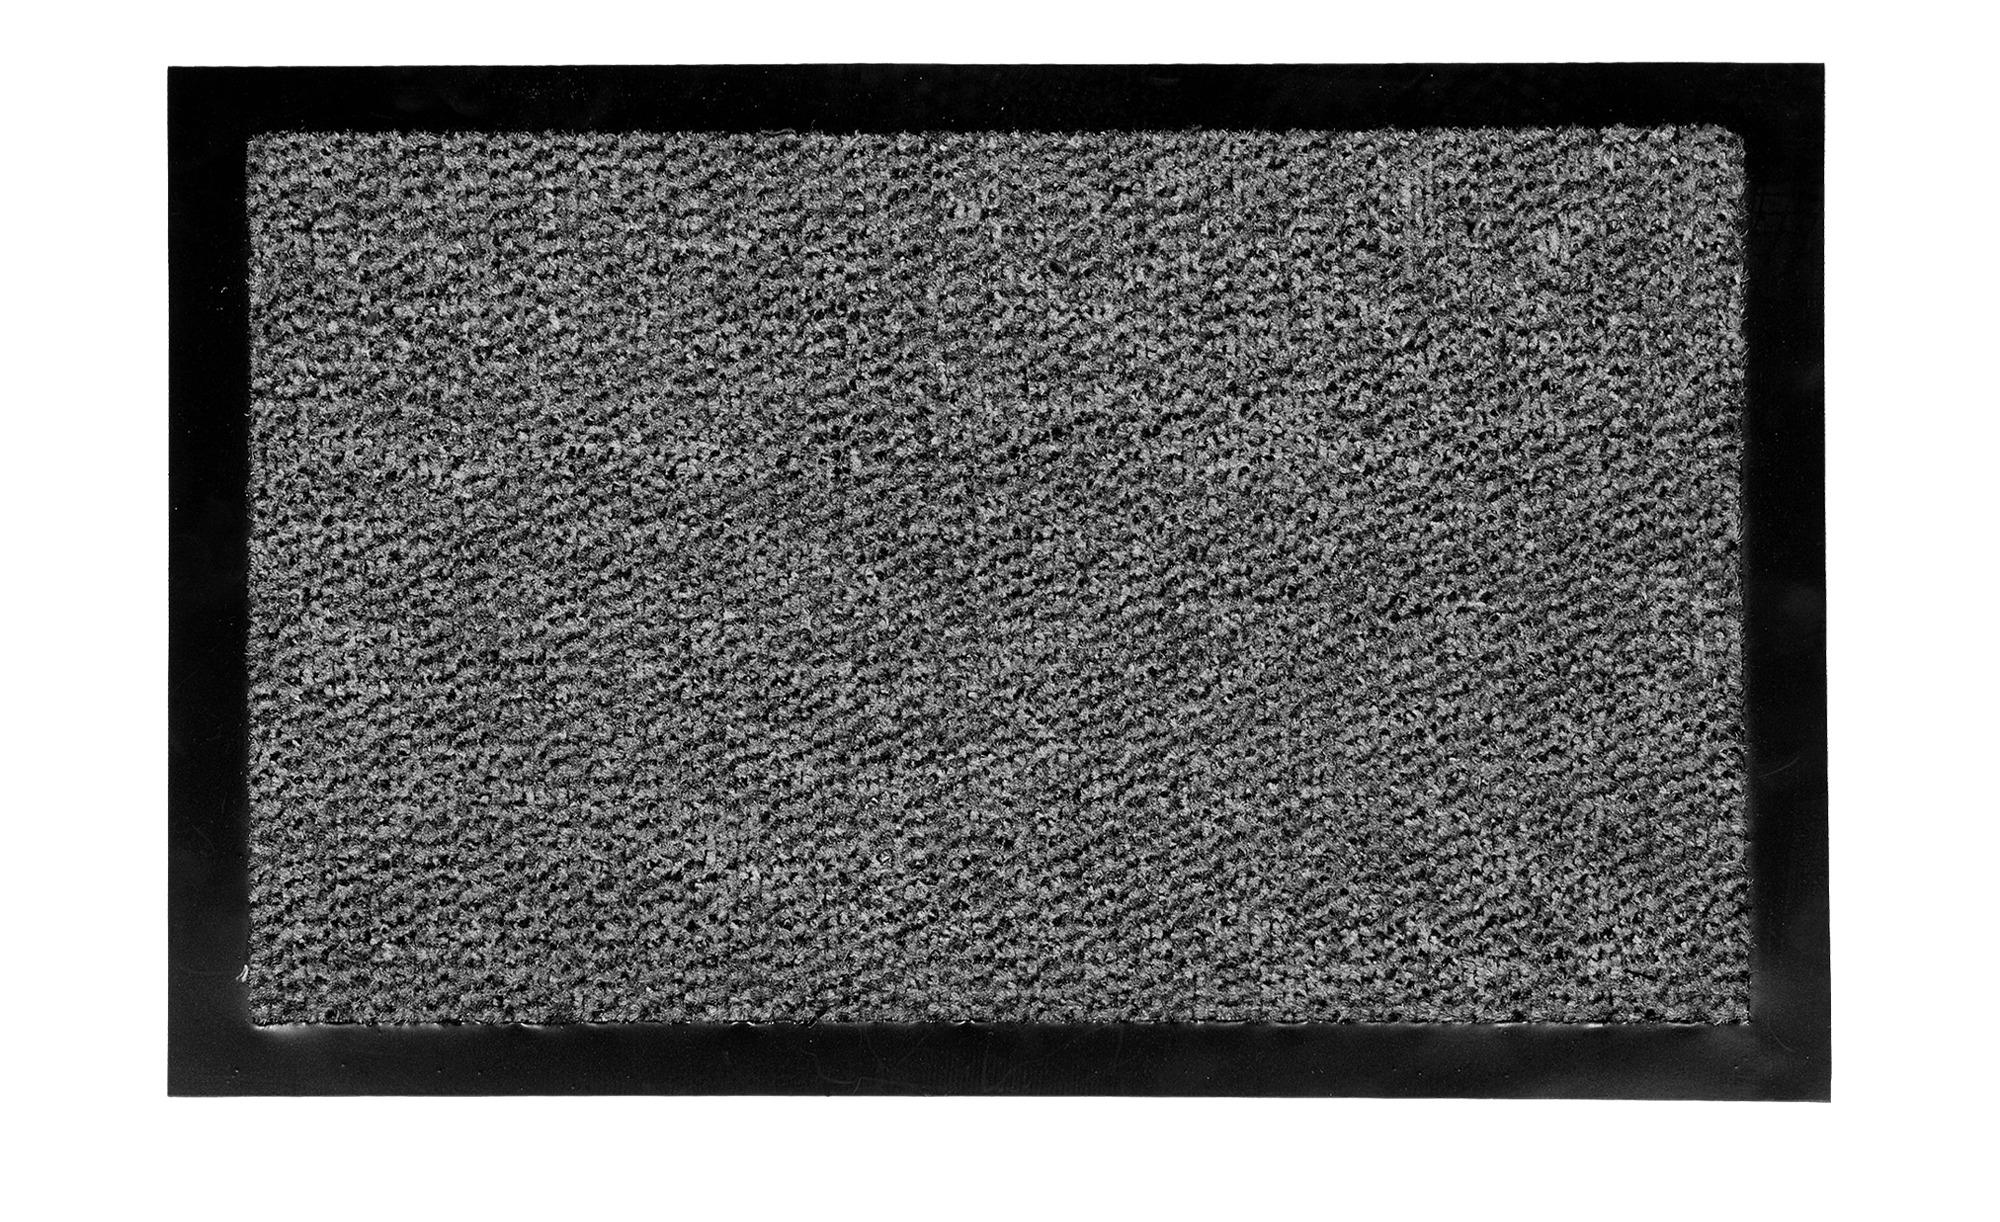 Fußmatte  Granat ¦ grau ¦ Synthethische Fasern, 100% Polypropylen ¦ Maße (cm): B: 40 Teppiche > Fußmatten & Stufenmatten - Höffner